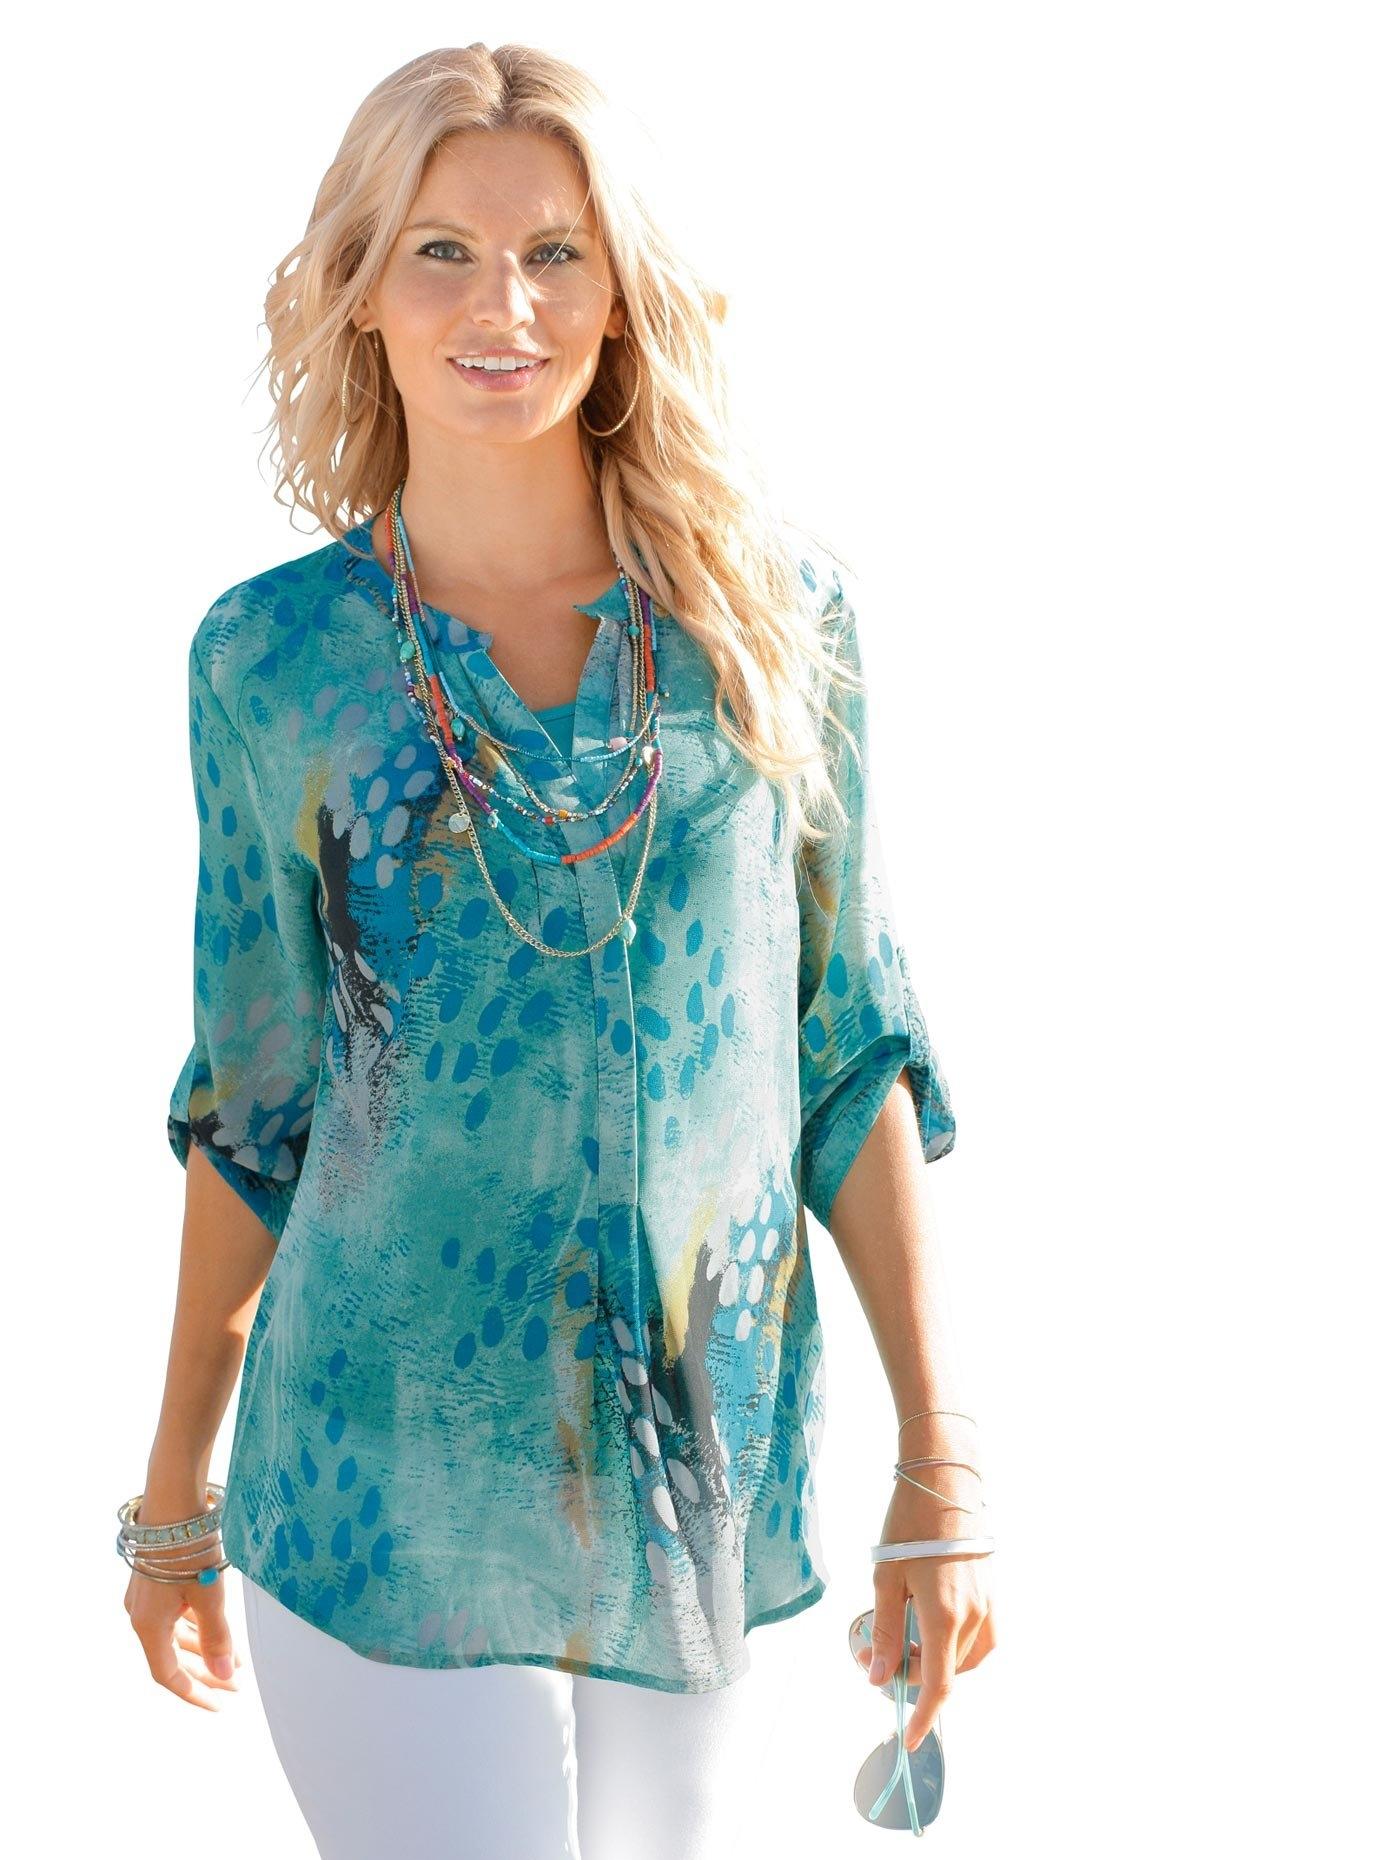 Ambria Blouseset bestaande uit blouse en top voordelig en veilig online kopen